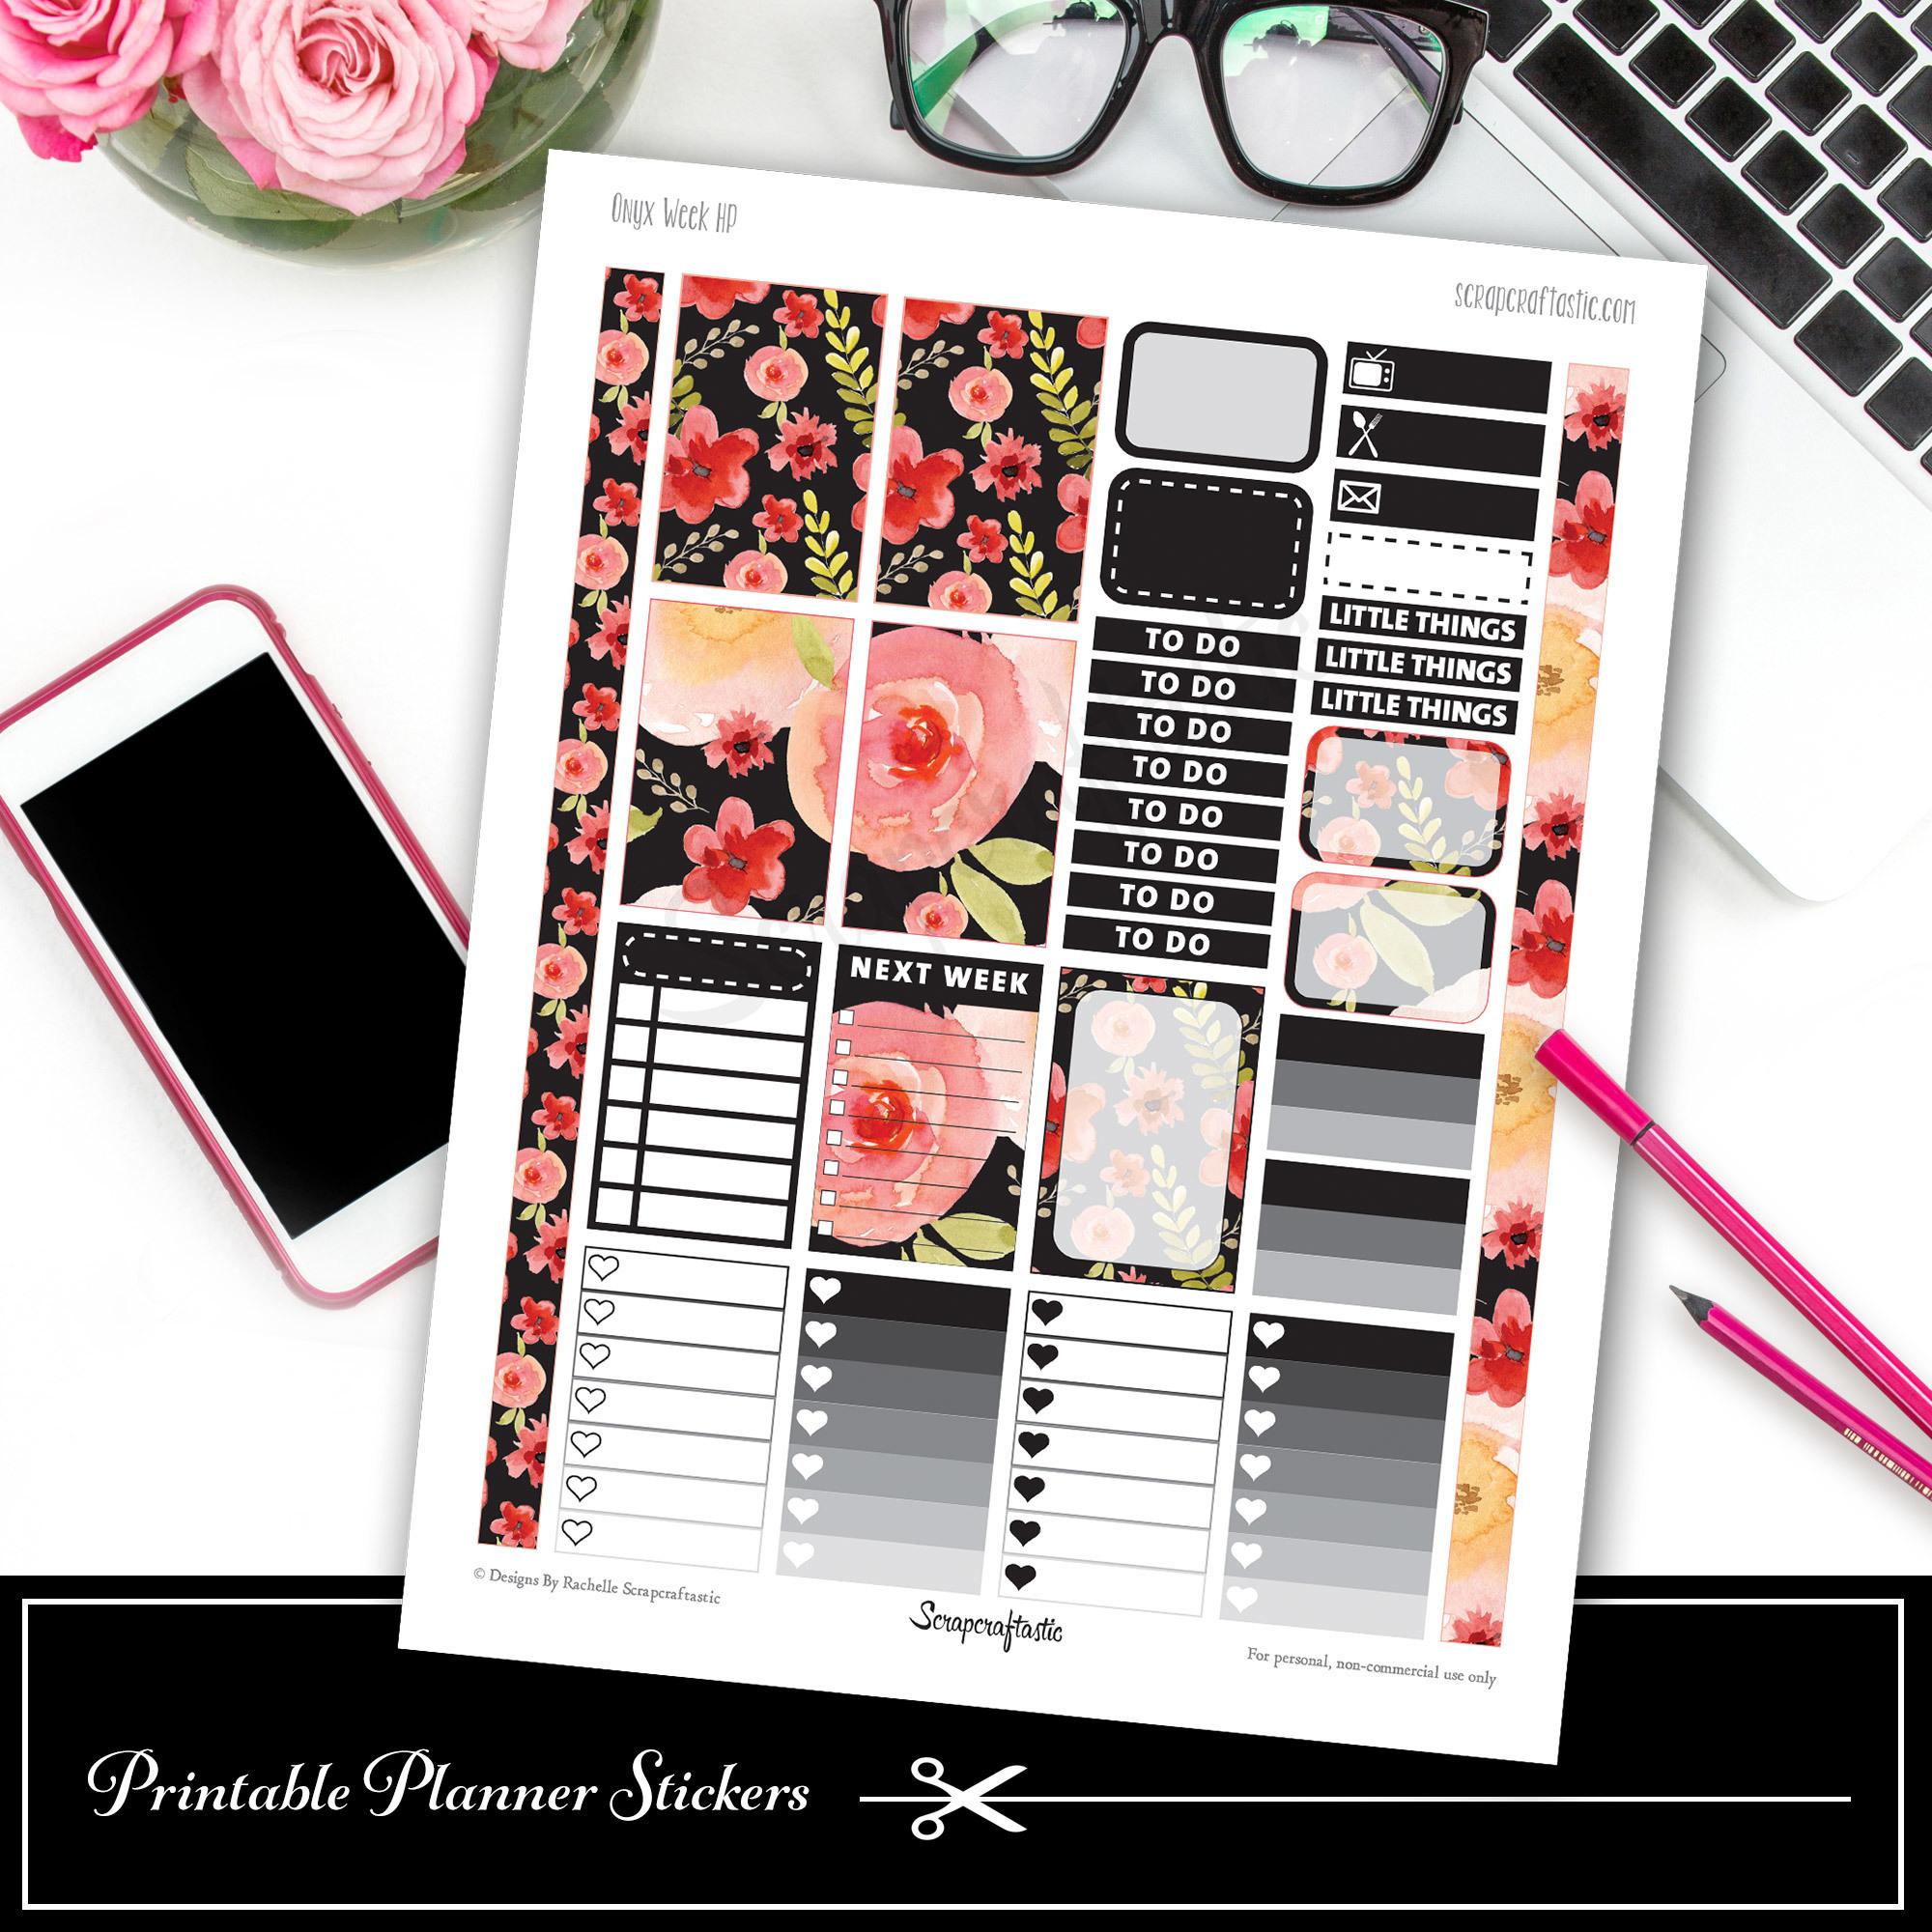 Onyx Week HP Printable Planner Stickers 01000